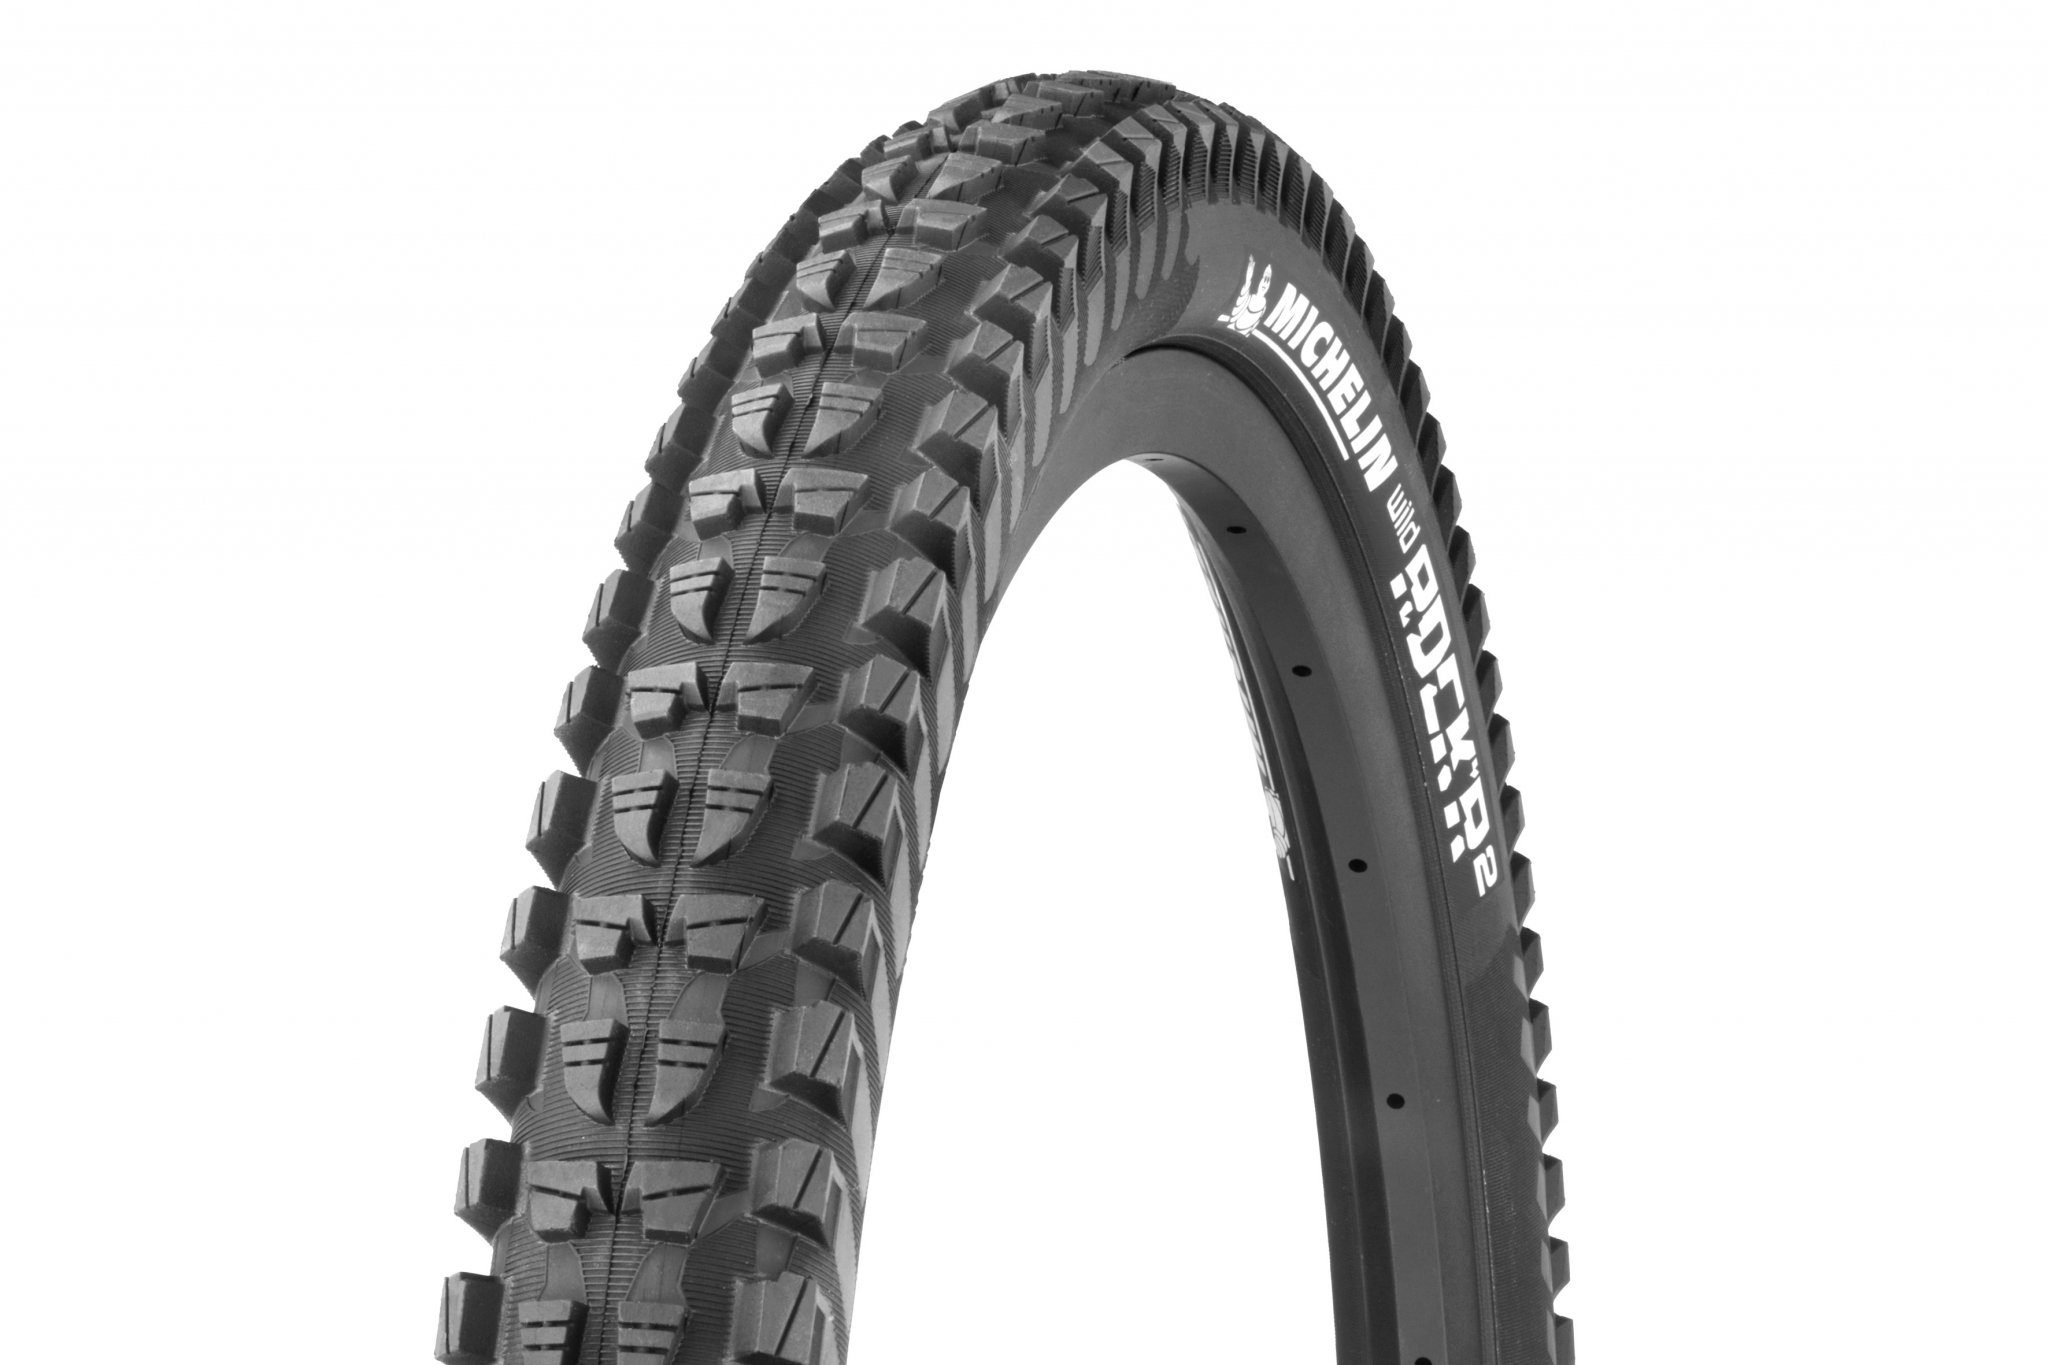 Michelin Fahrradreifen »Wild Rock'R2 Advanced Fahrradreifen 27,5 x 2.35«